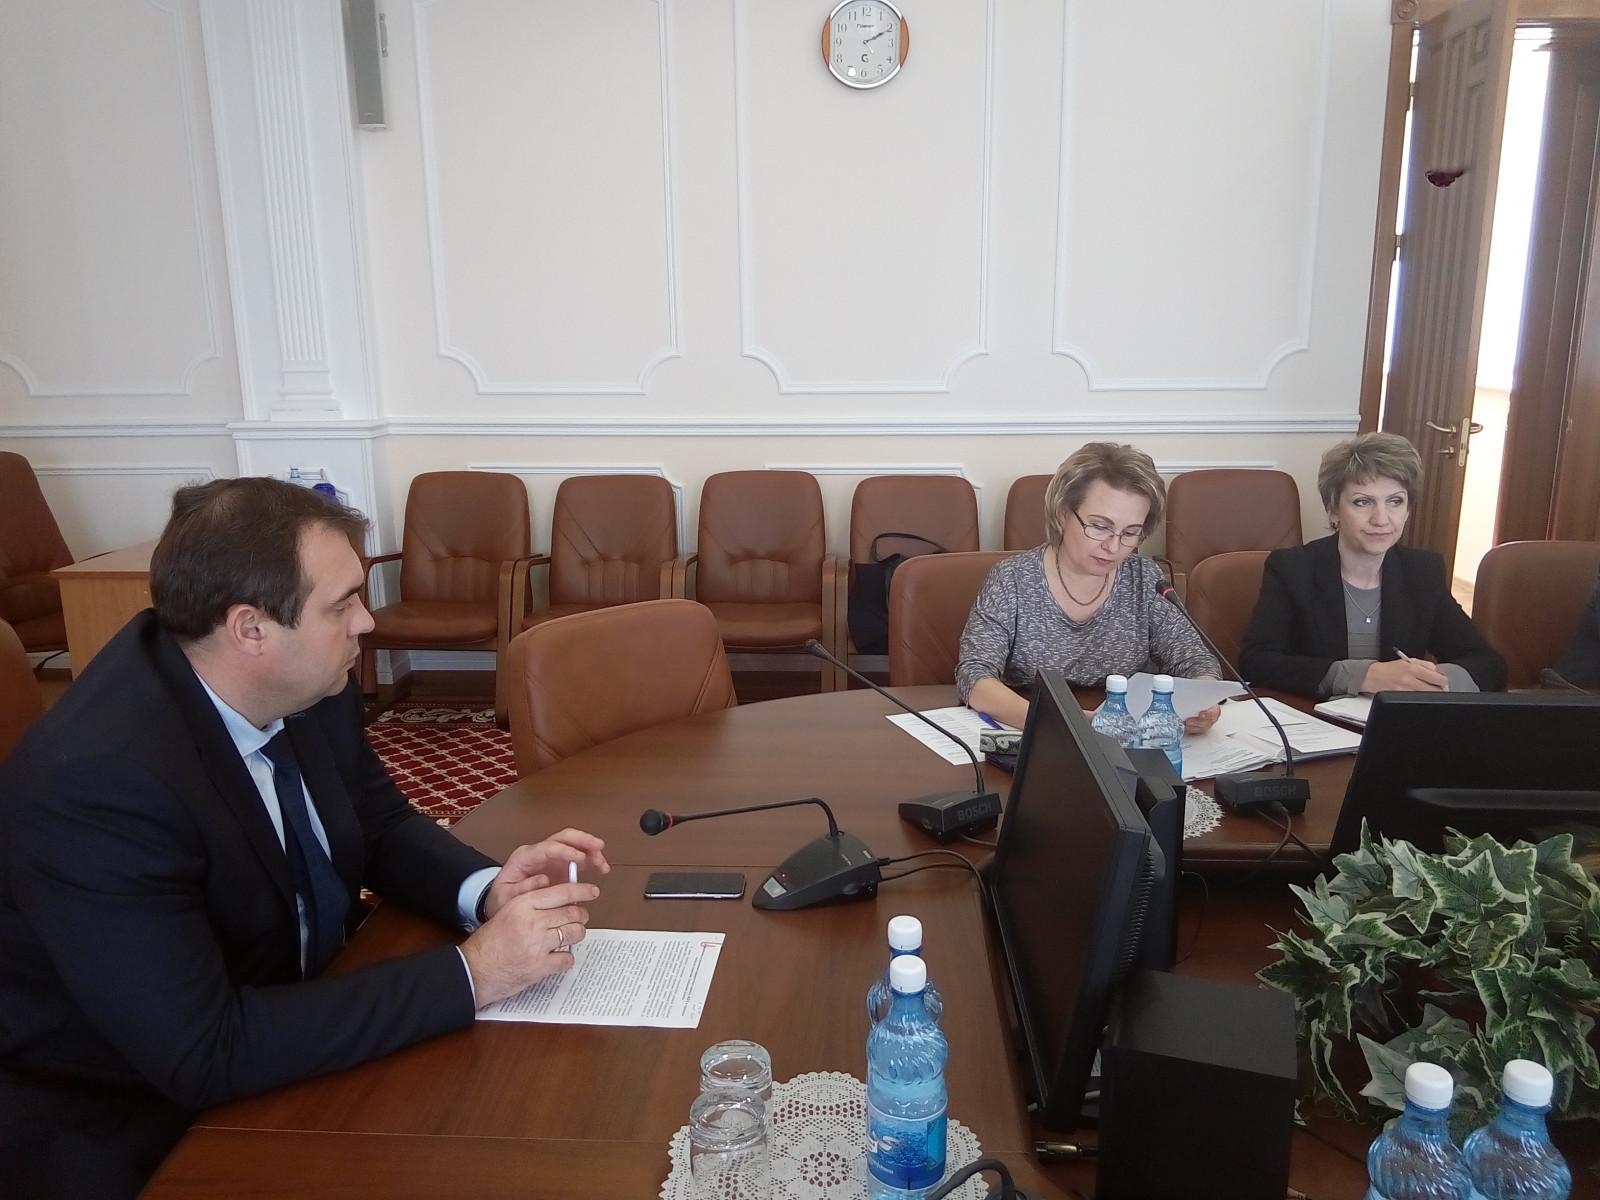 Вице-губернатор Игорь Кулаков призвал руководителей муниципалитетов провести все работы по благоустройству качественно и в срок